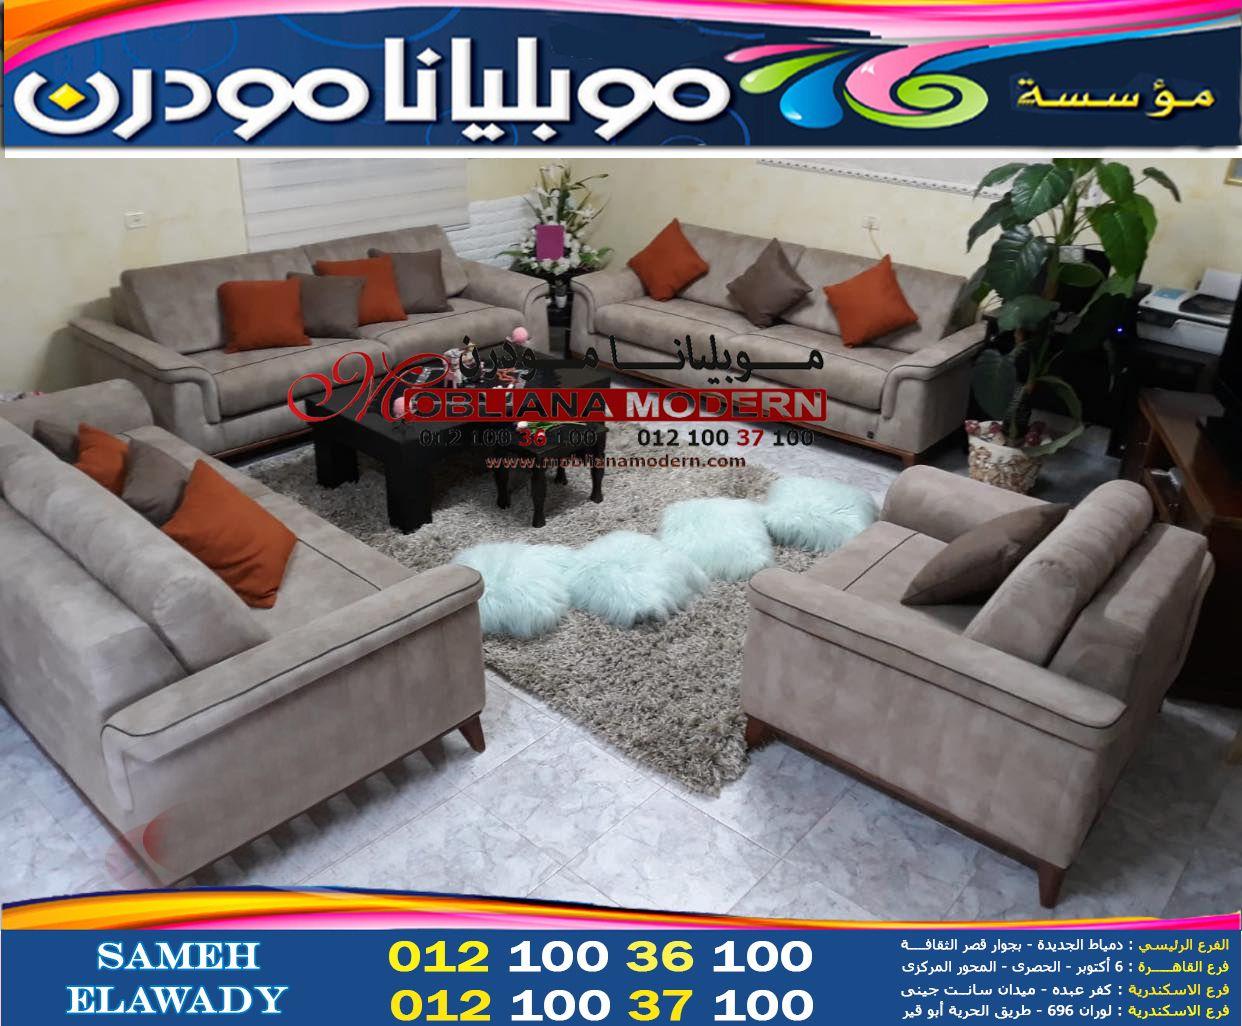 صور واسعار انتريهات 2023 2022 In 2021 Sectional Couch Living Room Room